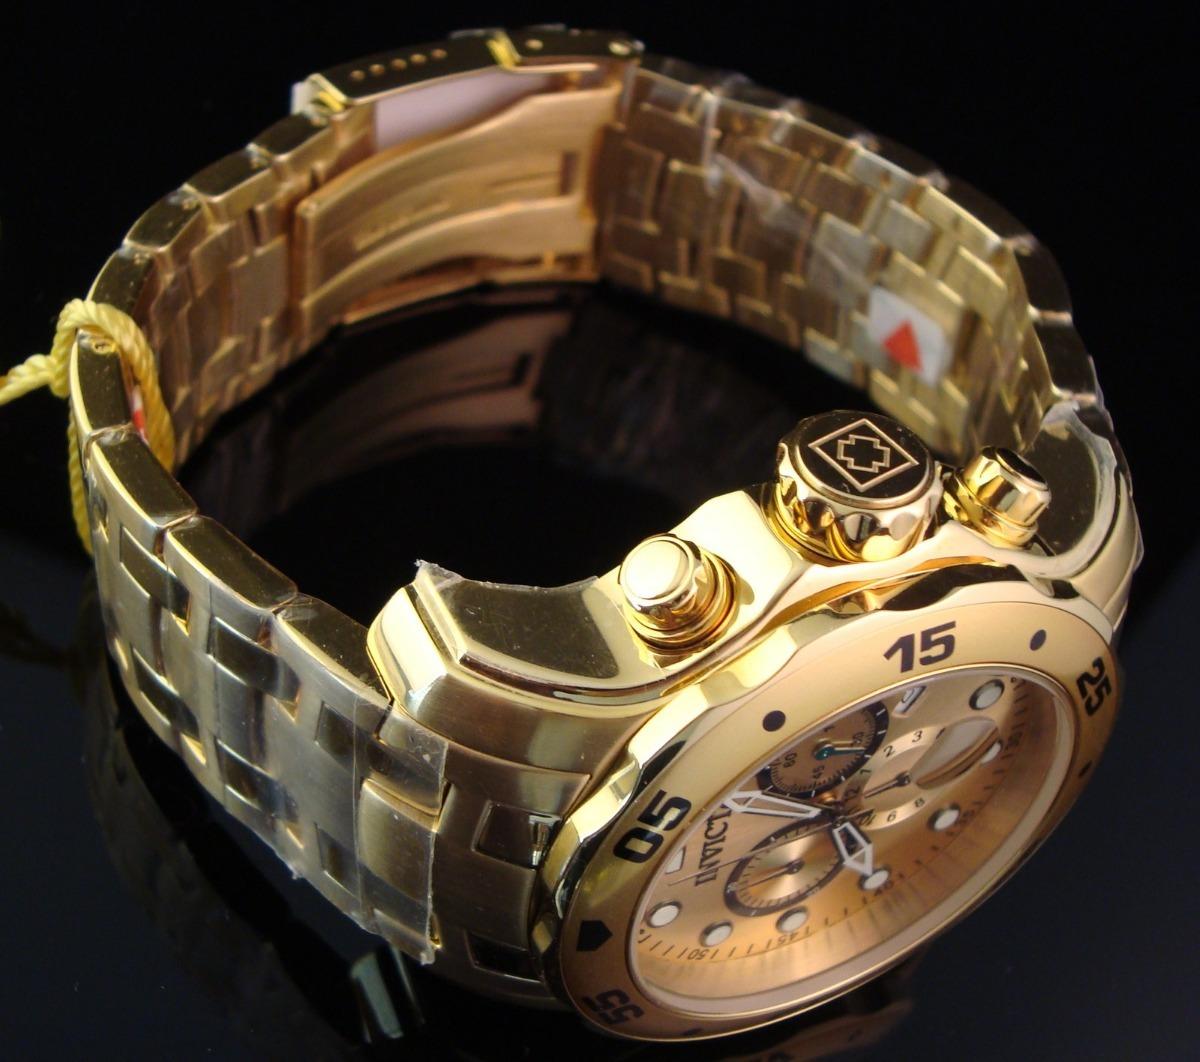 6a5695bd7ea reloj invicta 0074 original en caja con garantia. Cargando zoom.